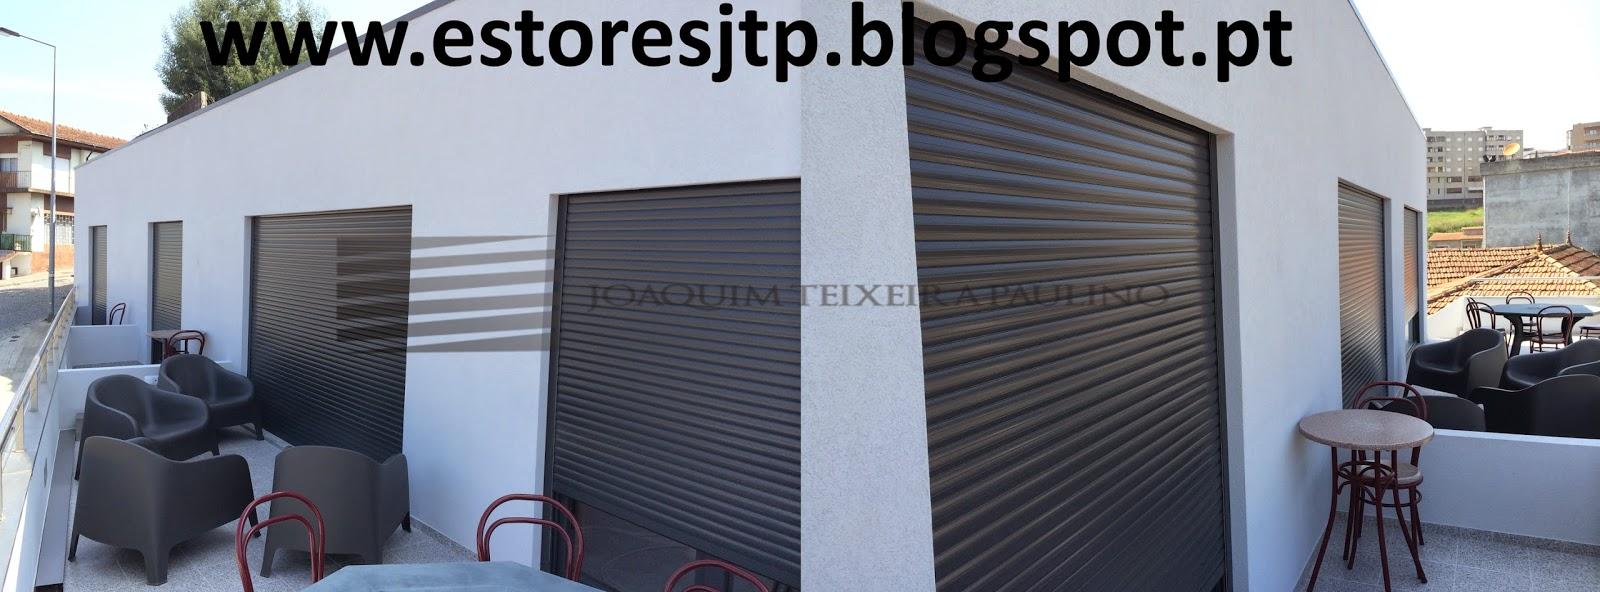 Estores persianas estores de rolo brisa solar - Estores para exterior ...